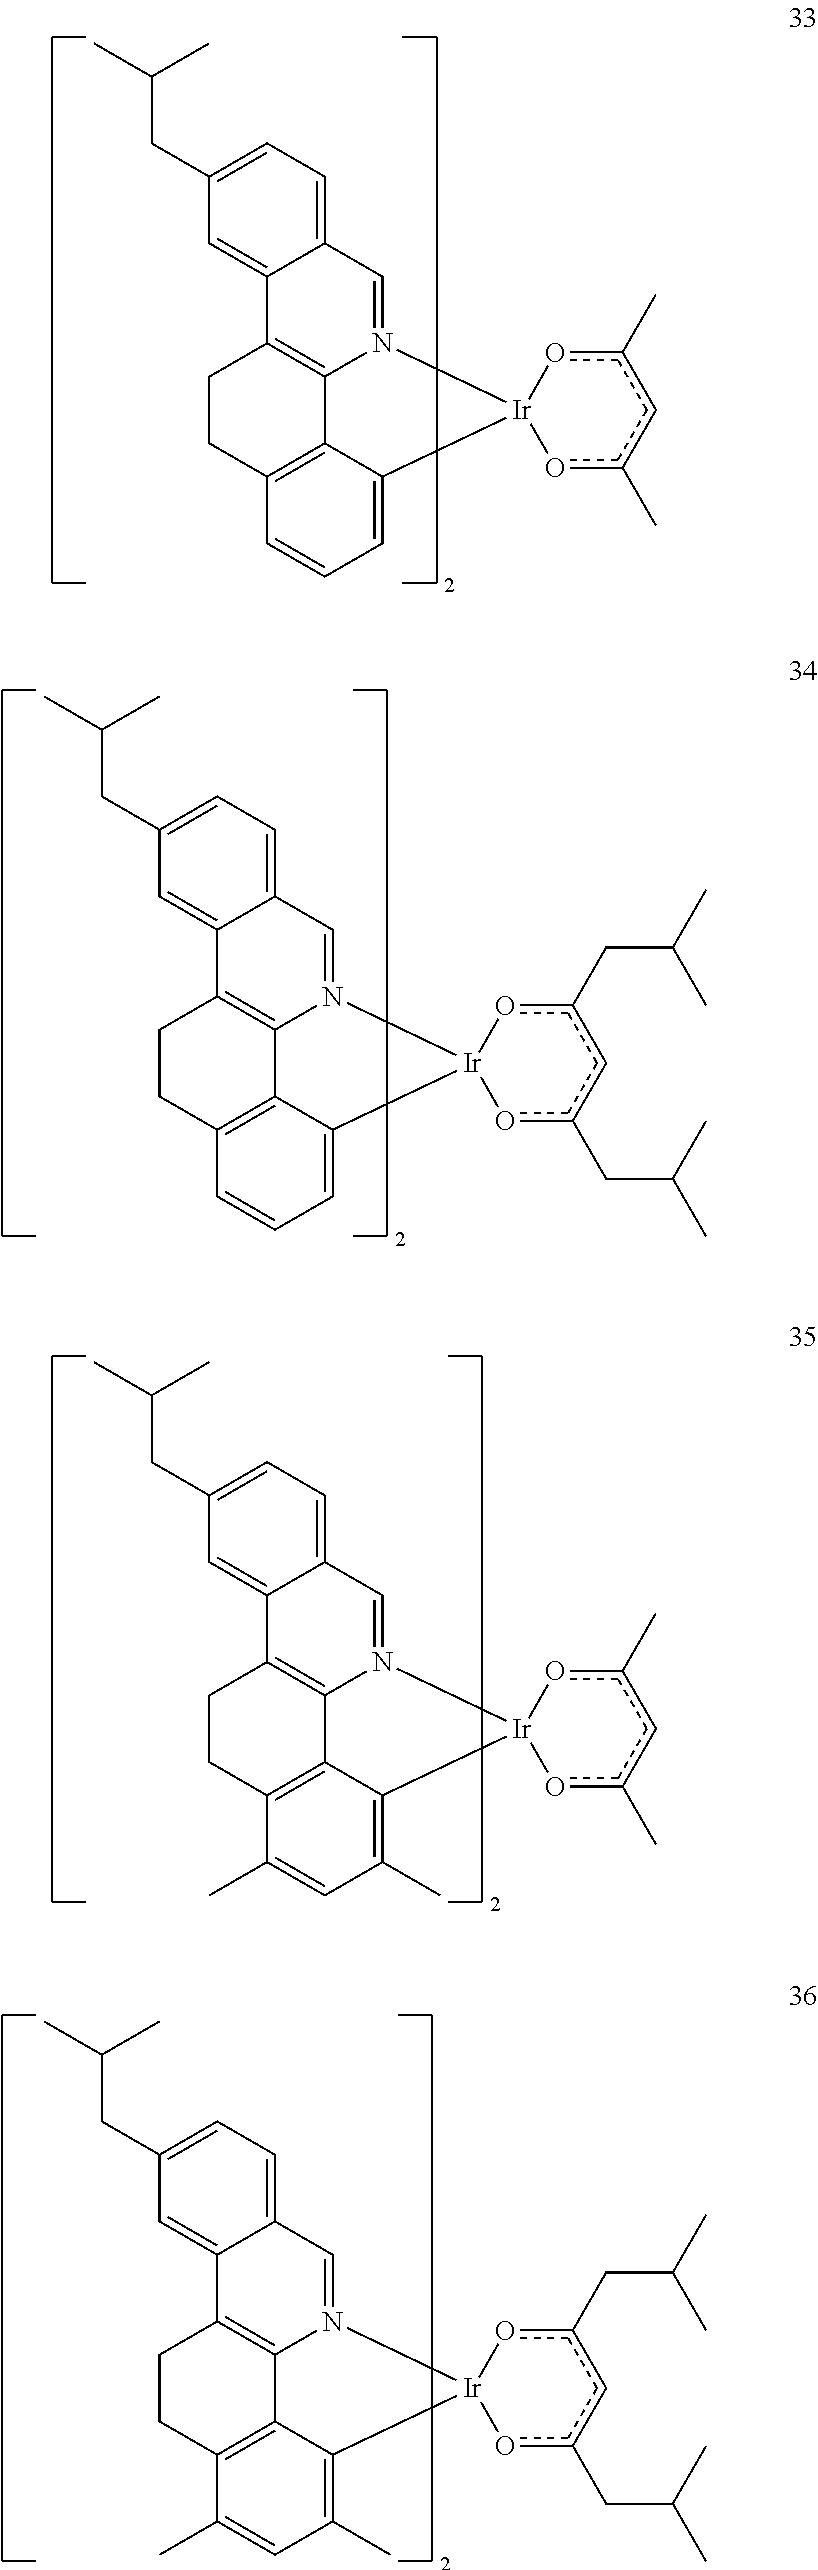 Figure US20130032785A1-20130207-C00015